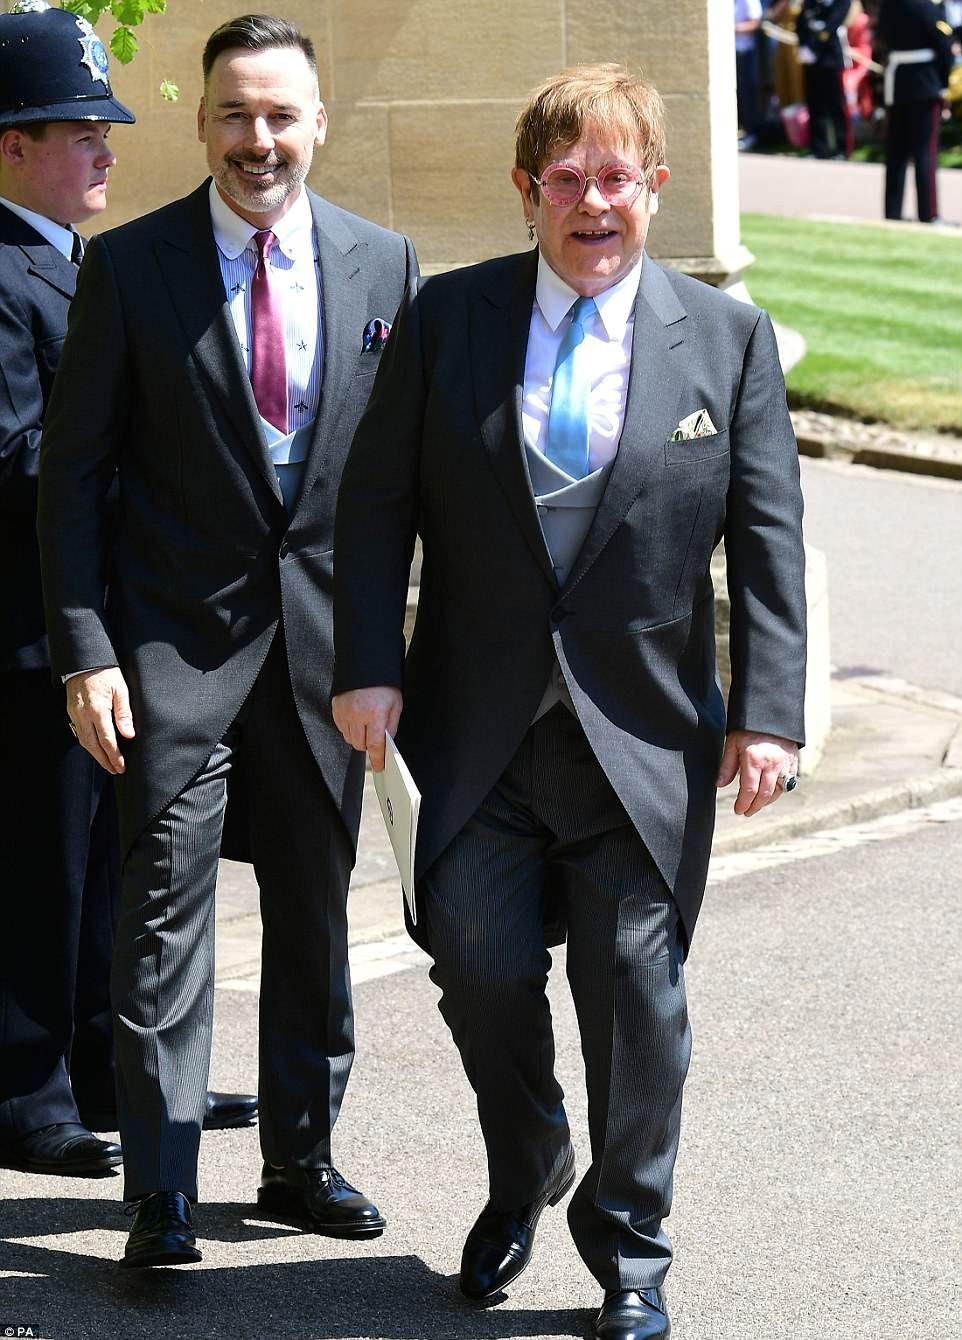 Photos of Sir Elton John and his husband David Furnish at the Royal wedding.